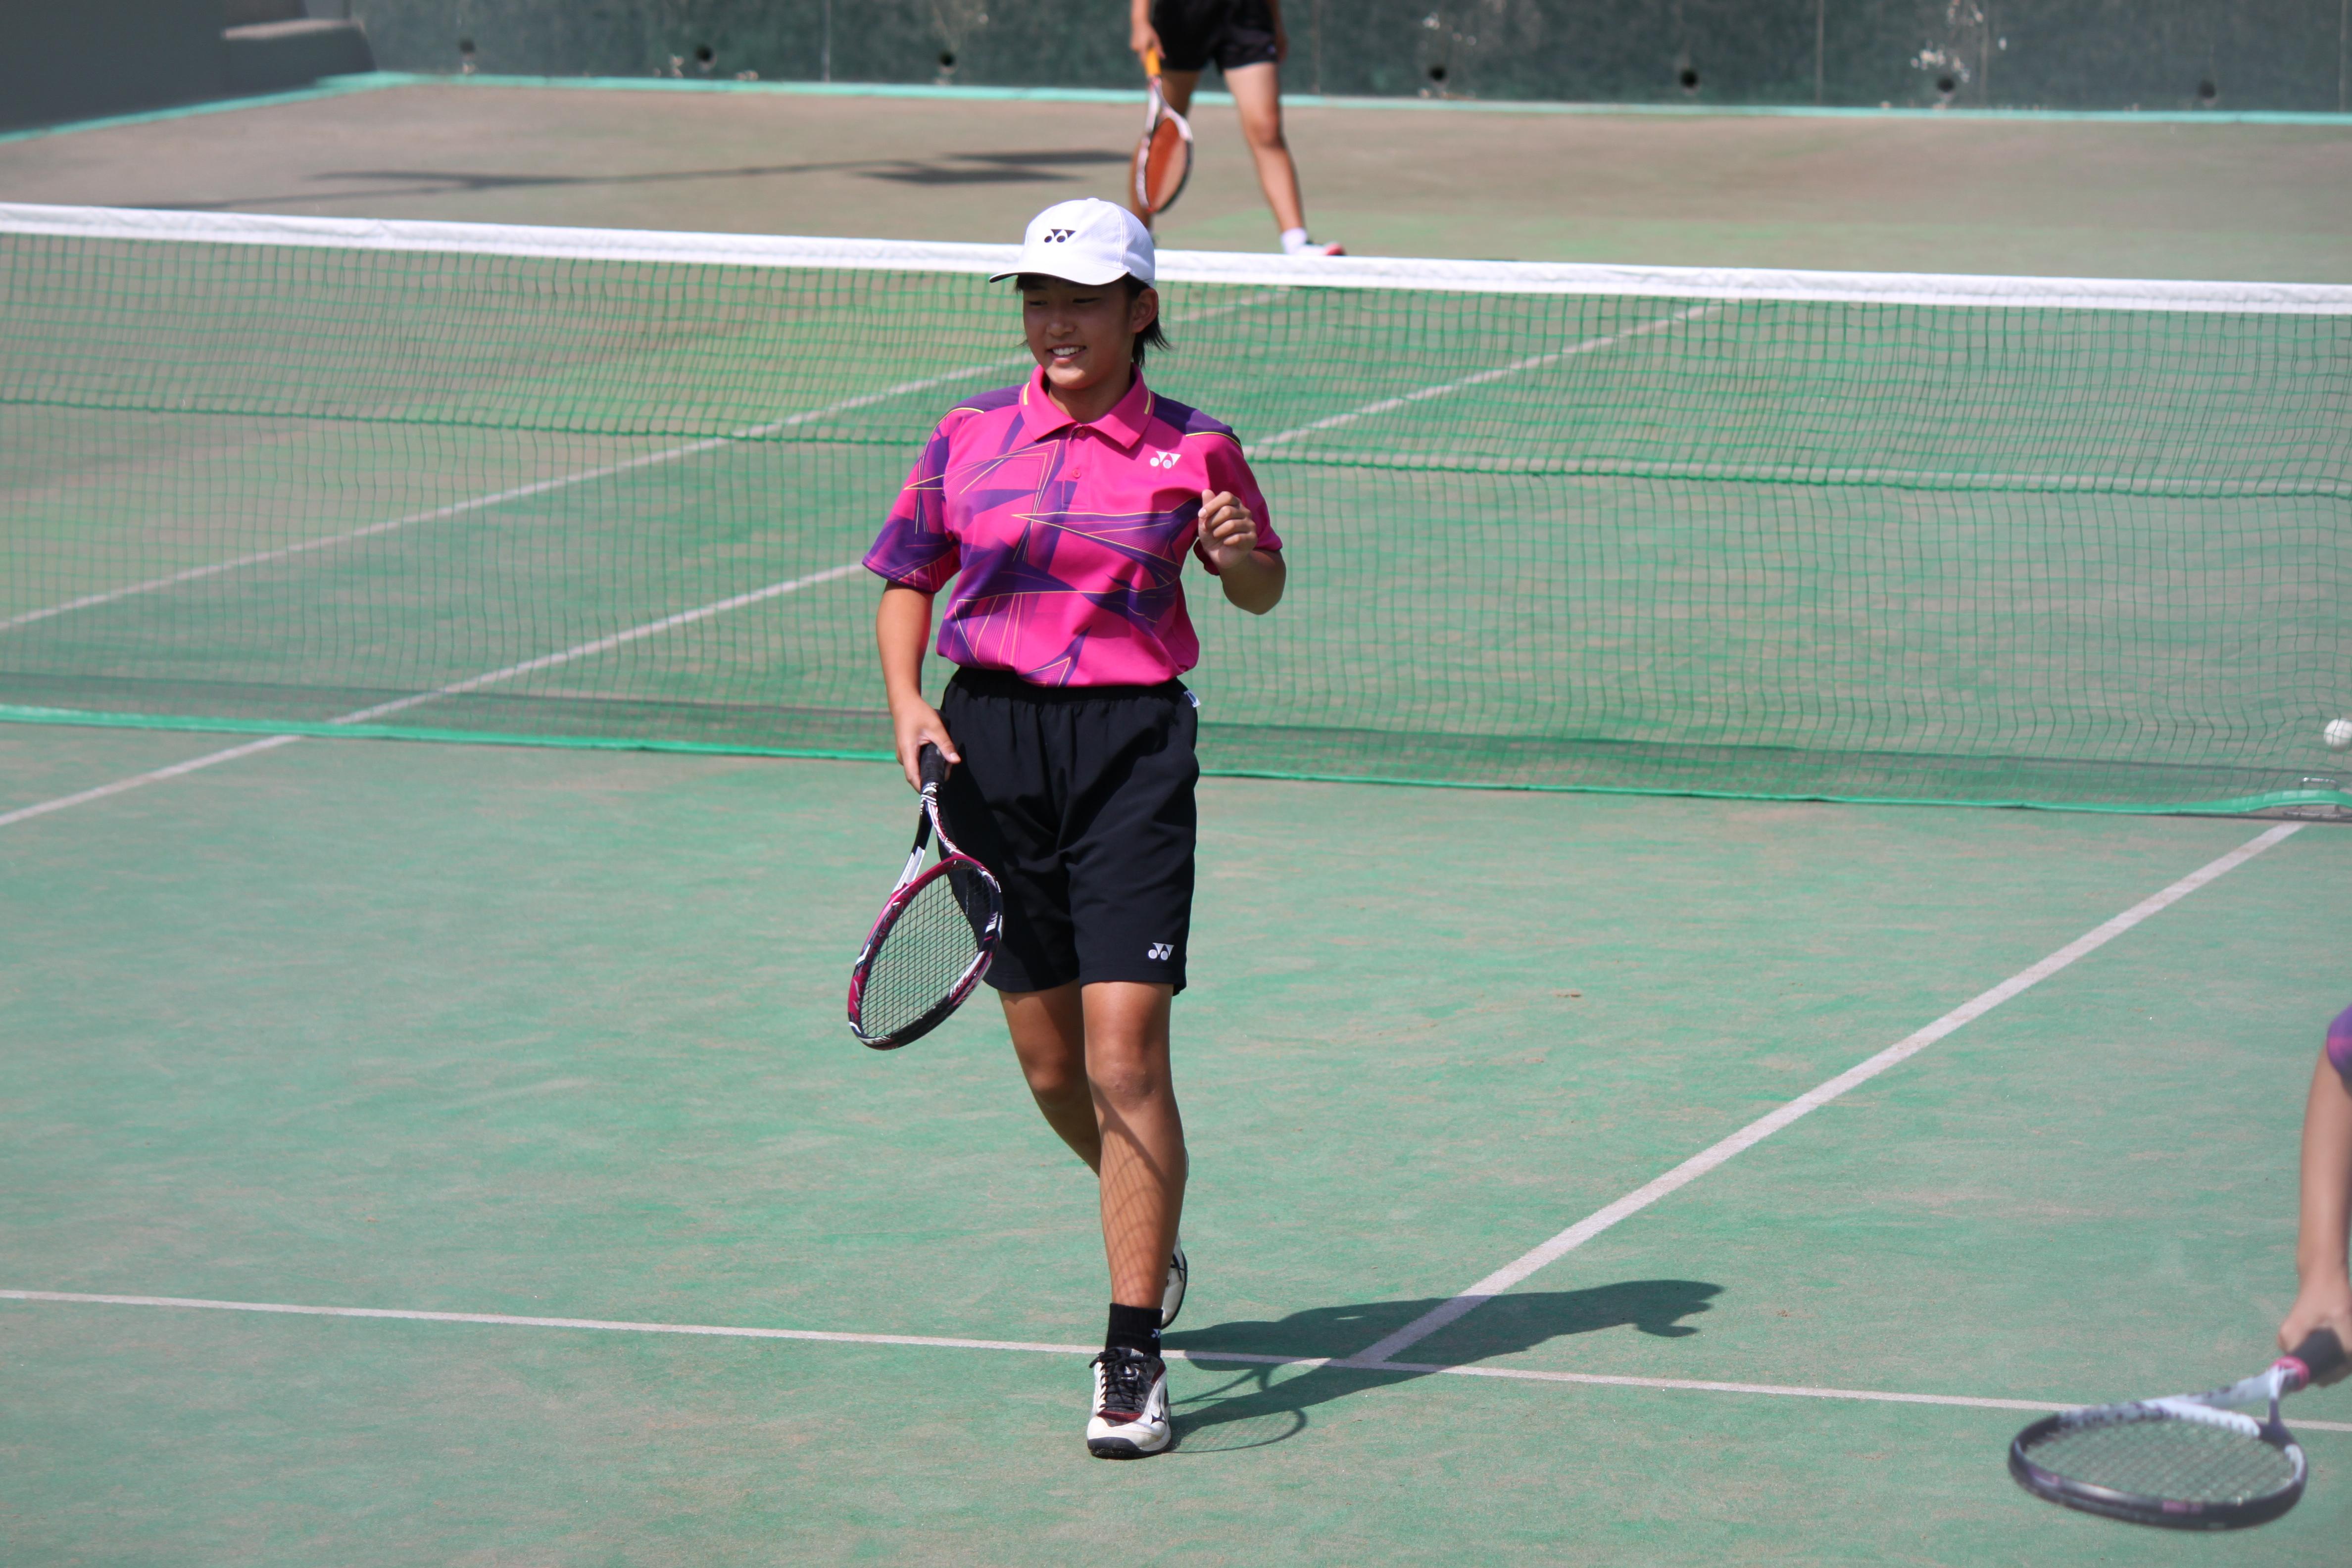 ソフトテニス (607)